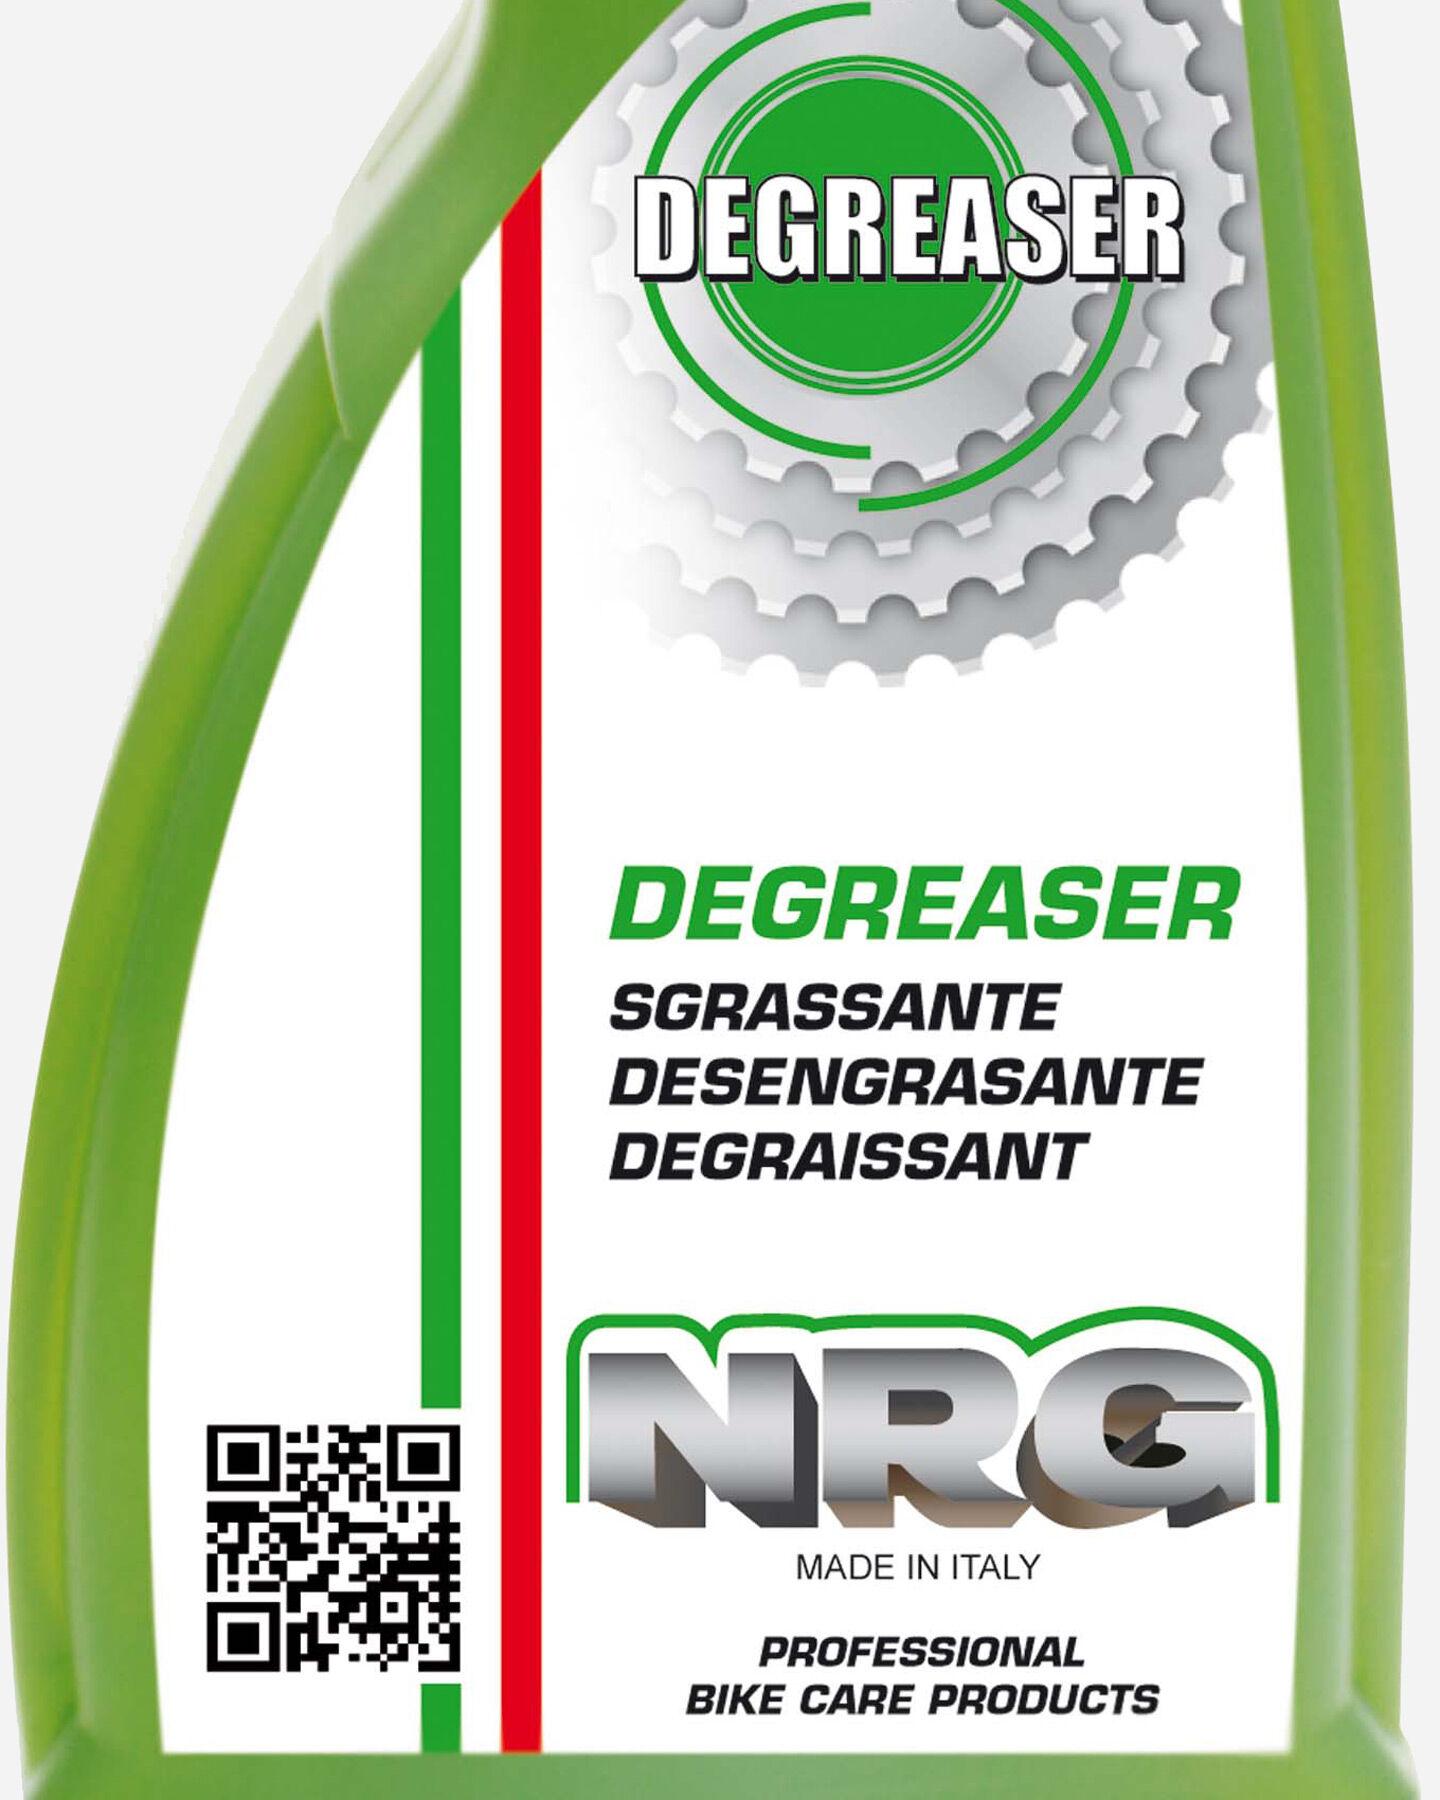 Accessorio bici BONIN DEGREASER 500ML S1259893 1 UNI scatto 1